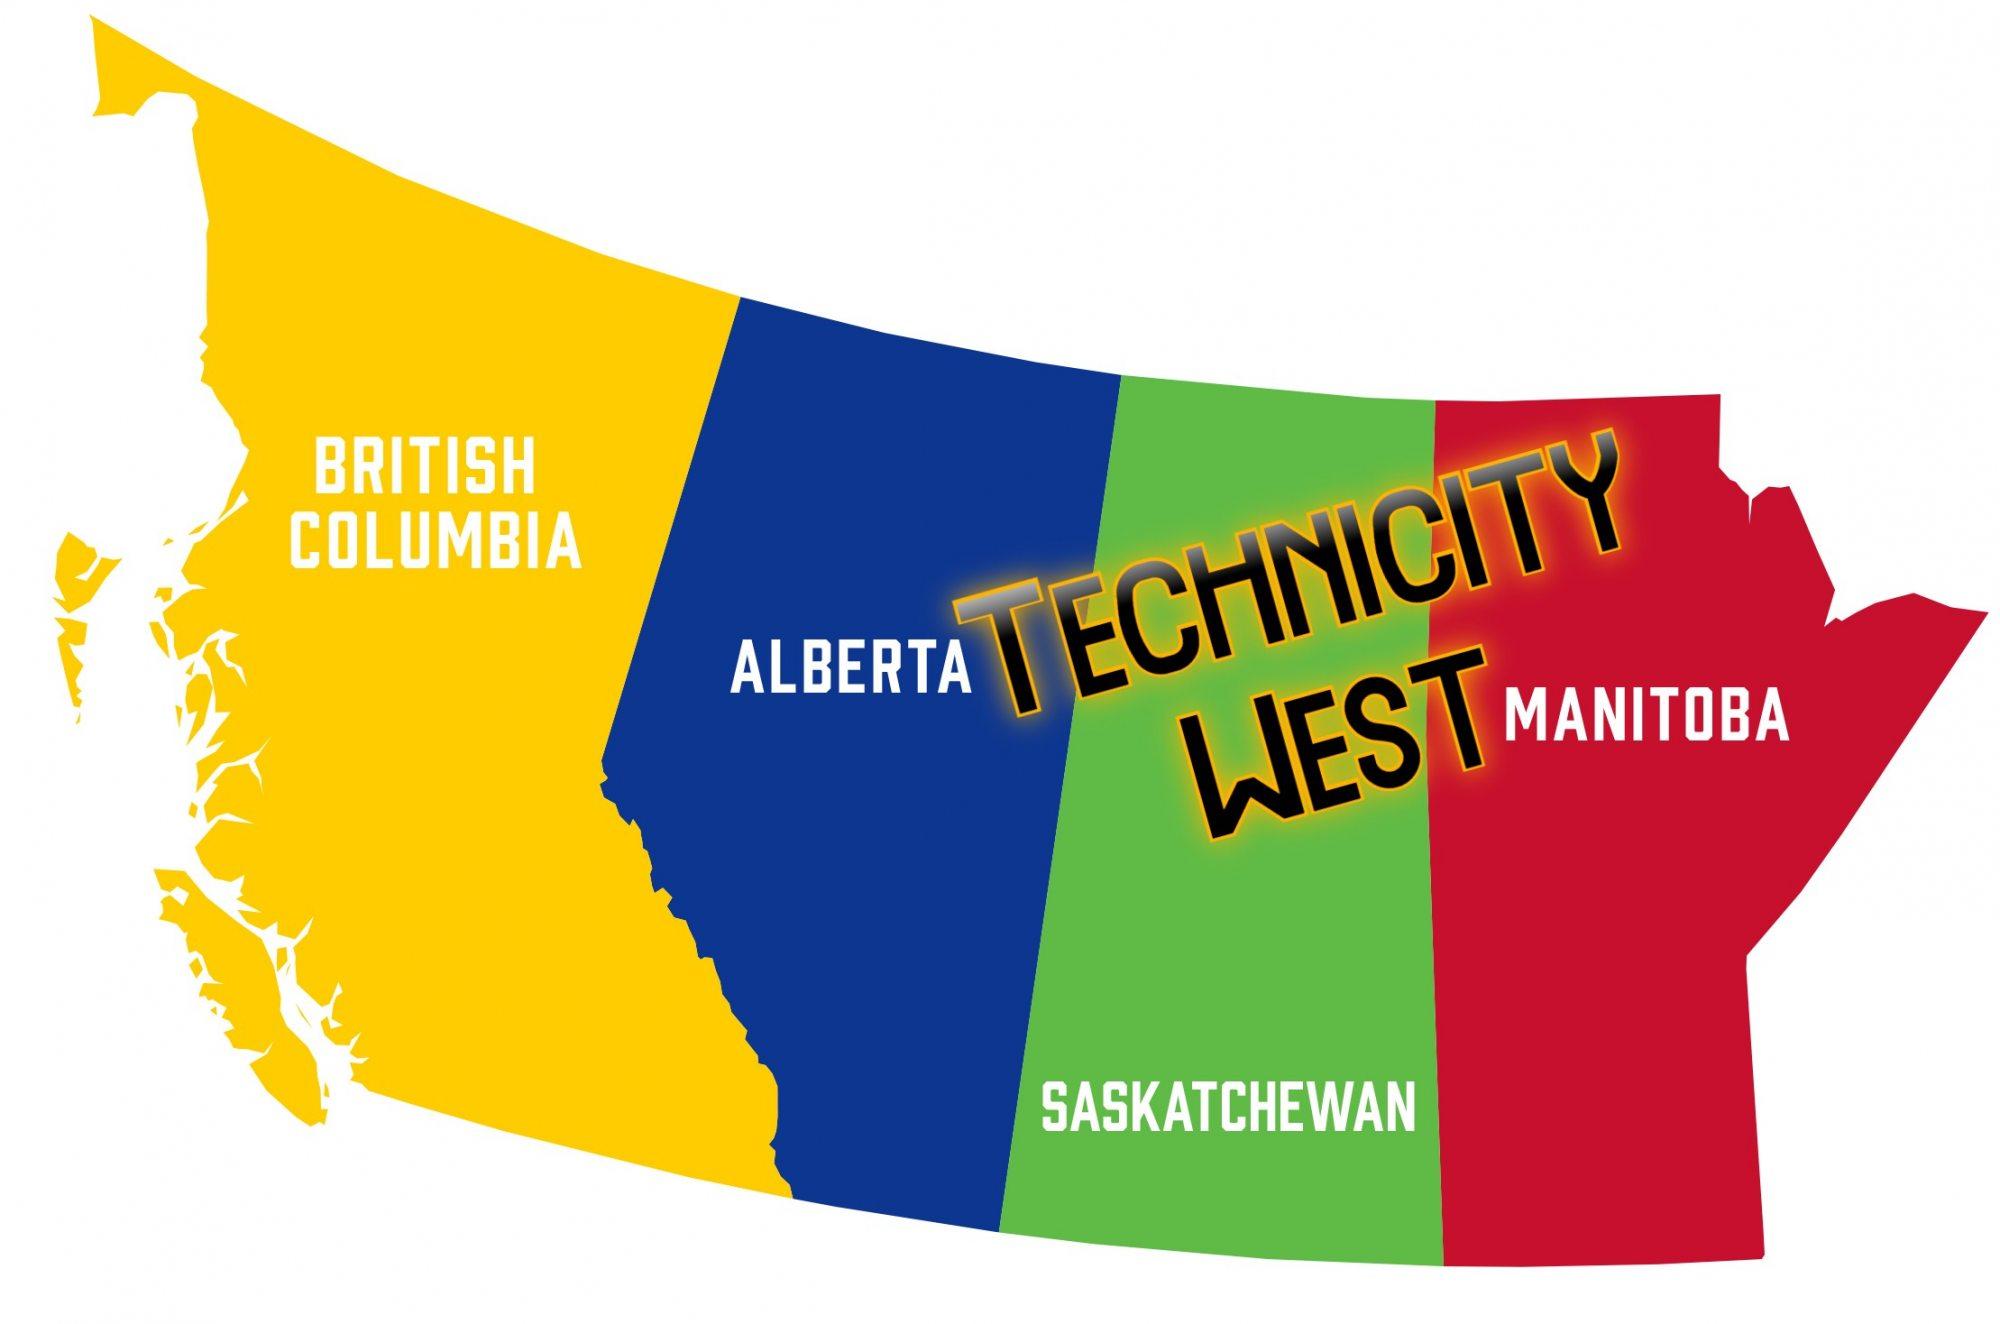 Technicity West map